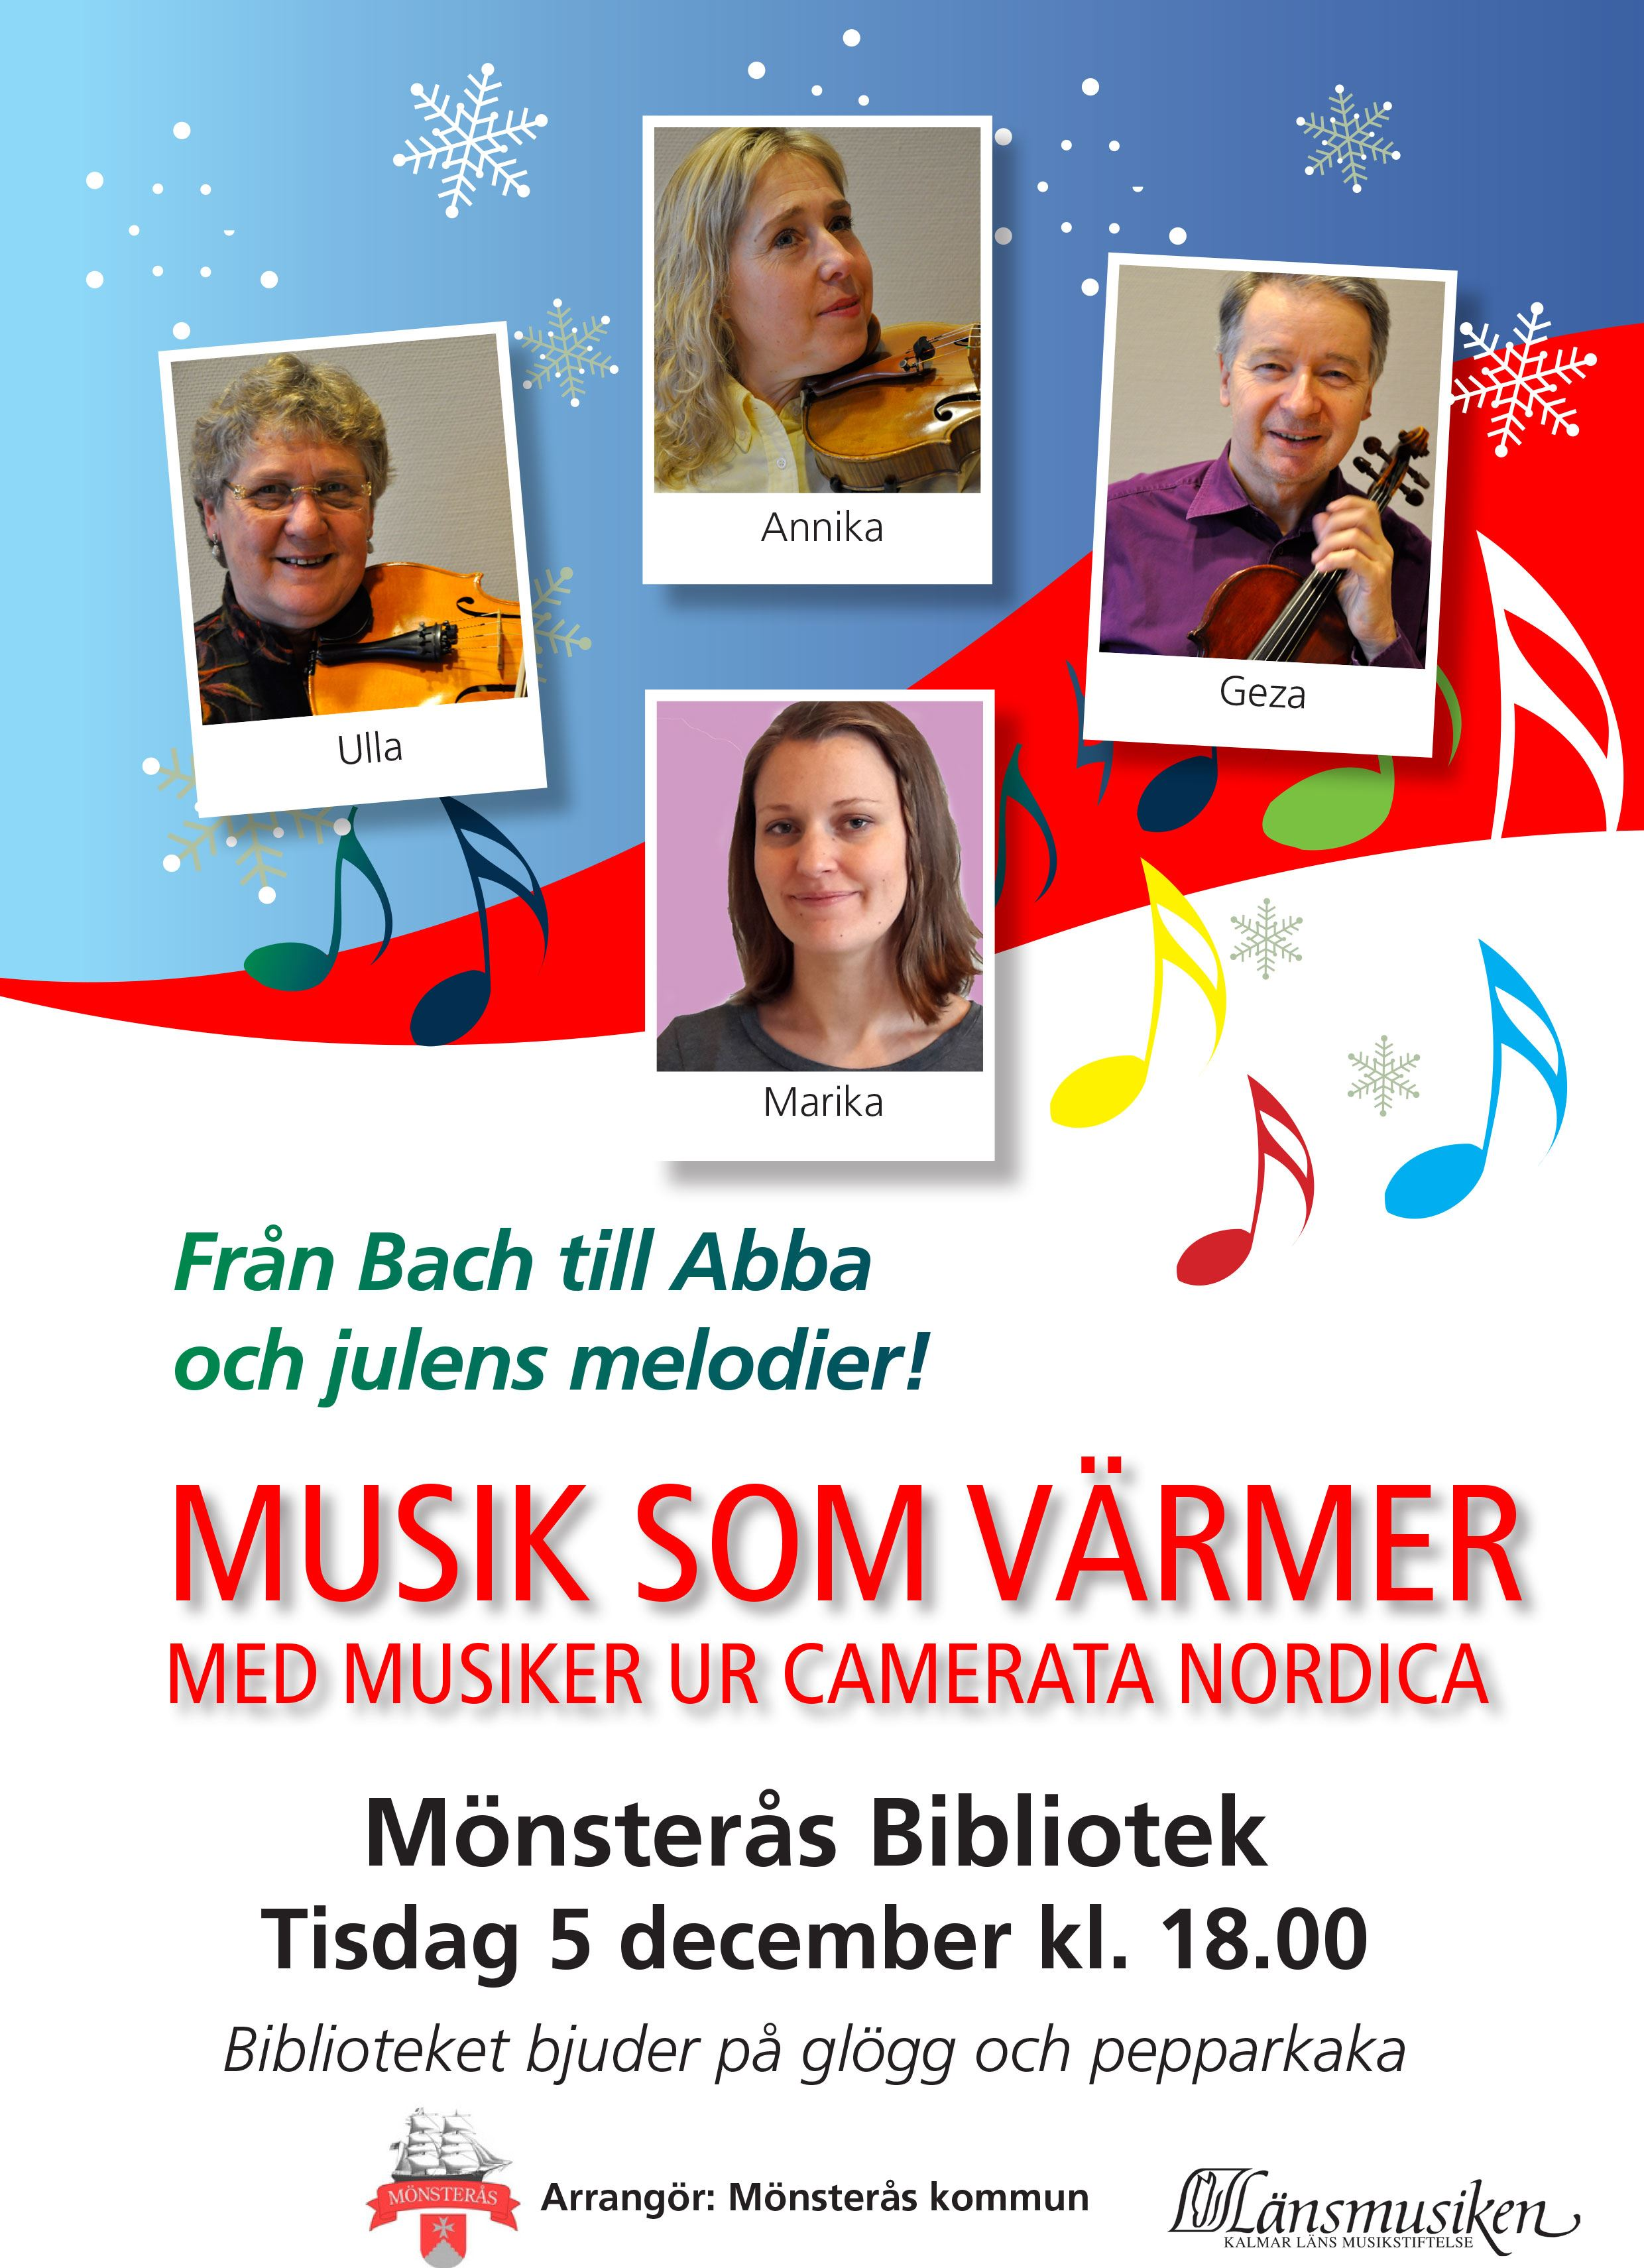 Musik som värmer med musiker ur Camerata Nordica